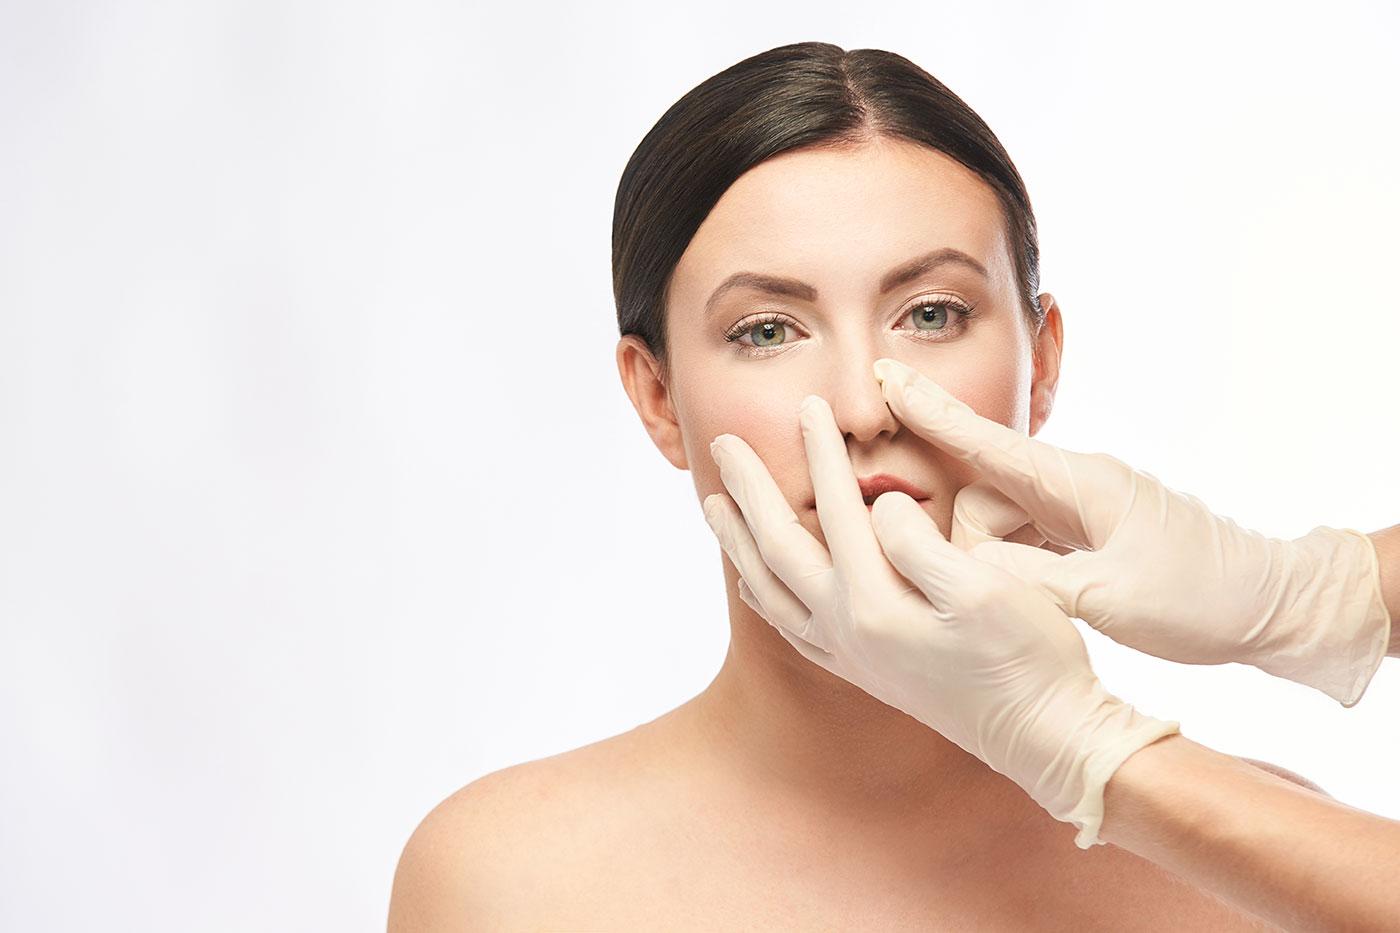 Come cambia il viso con la rinoplastica?